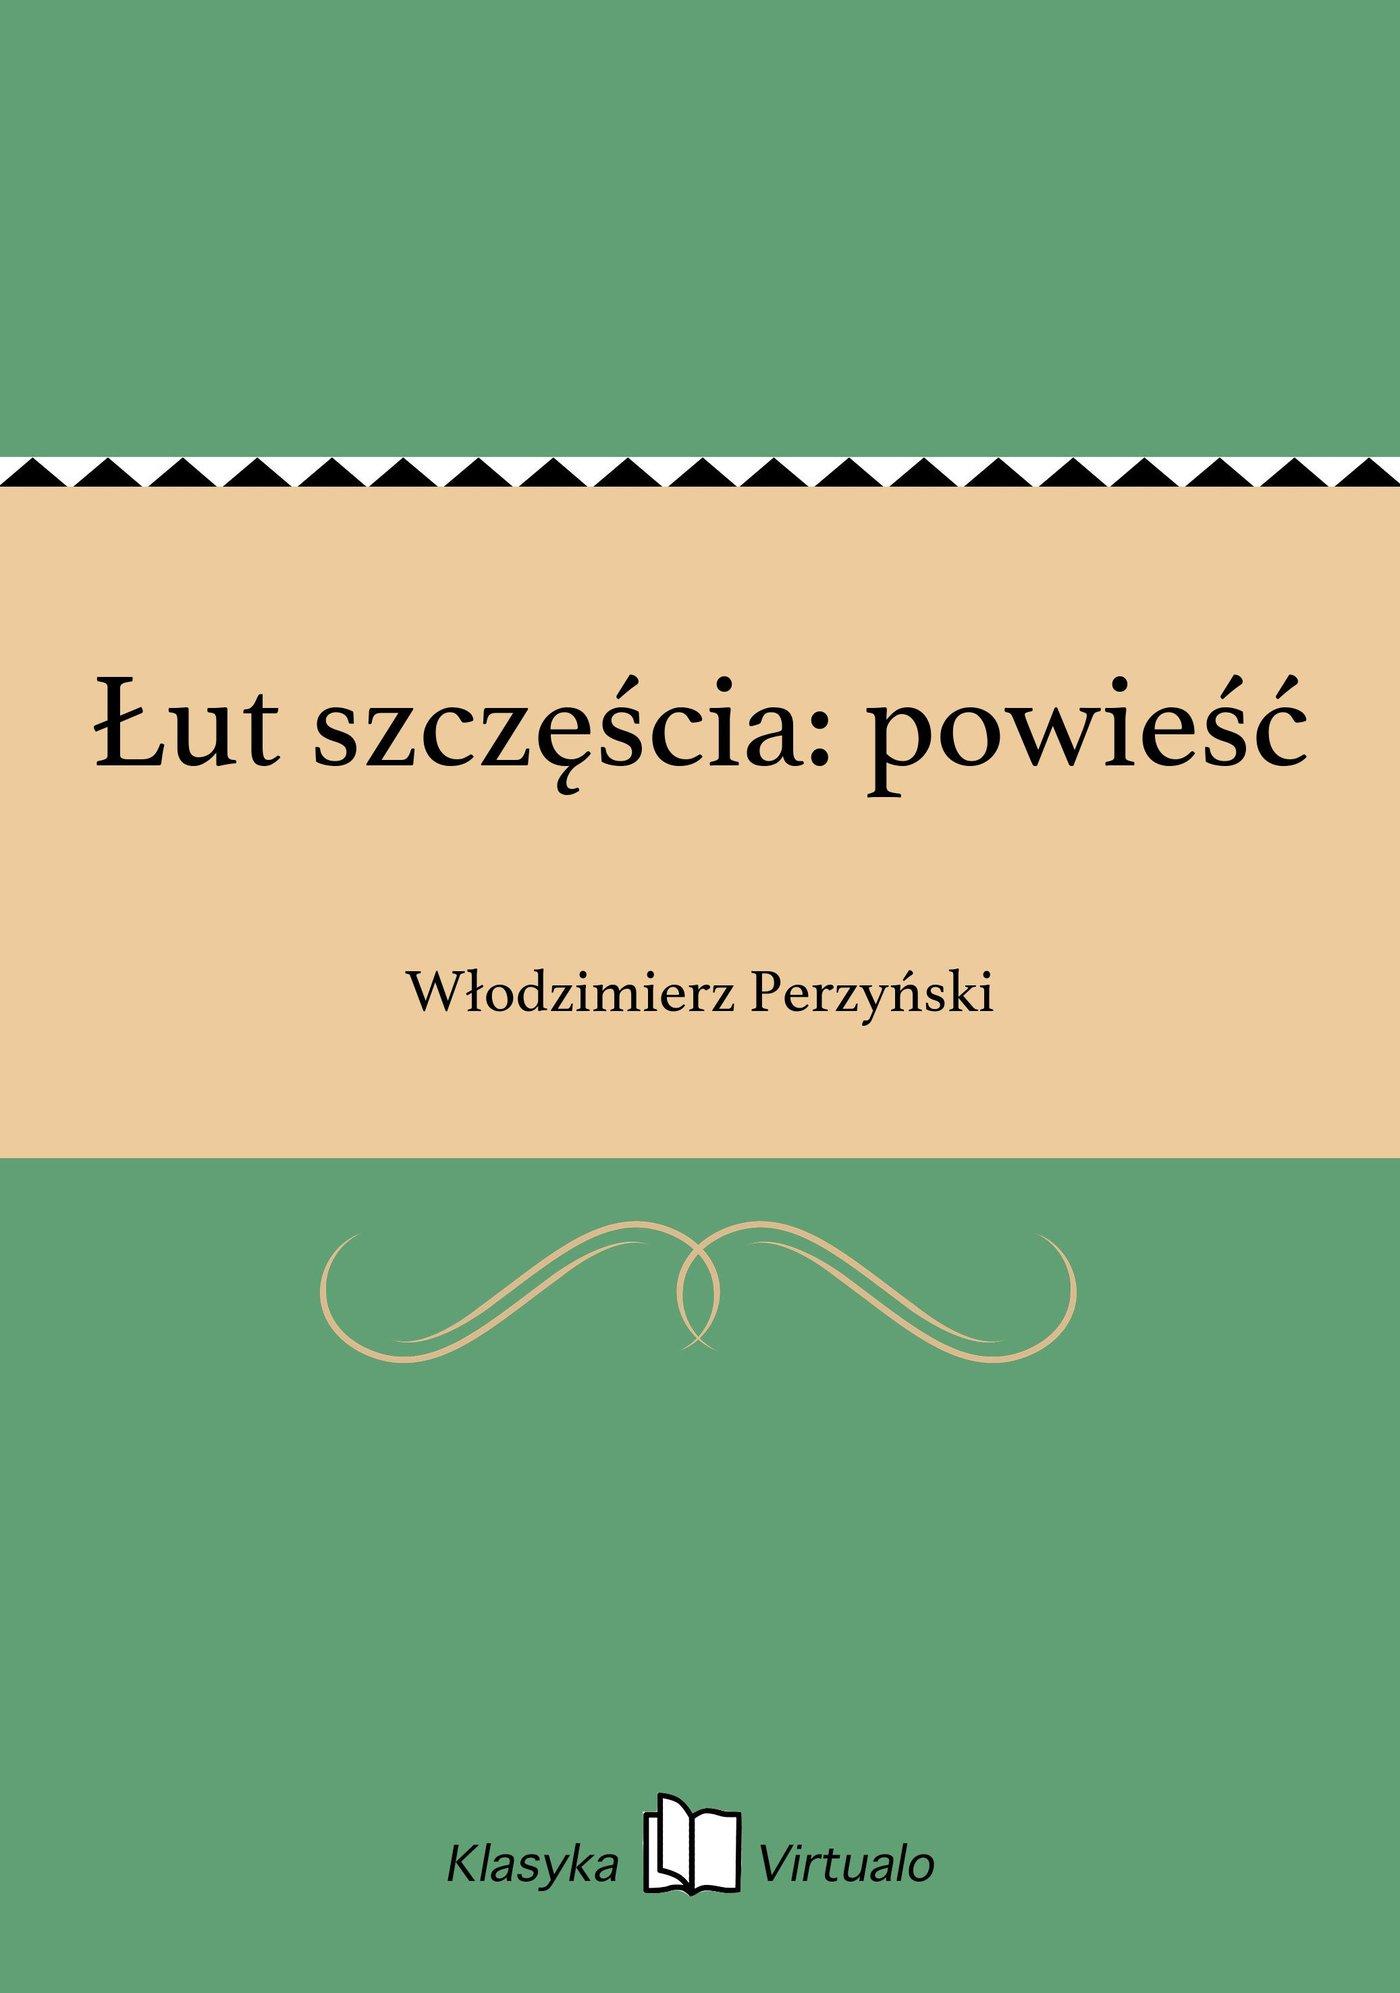 Łut szczęścia: powieść - Ebook (Książka EPUB) do pobrania w formacie EPUB